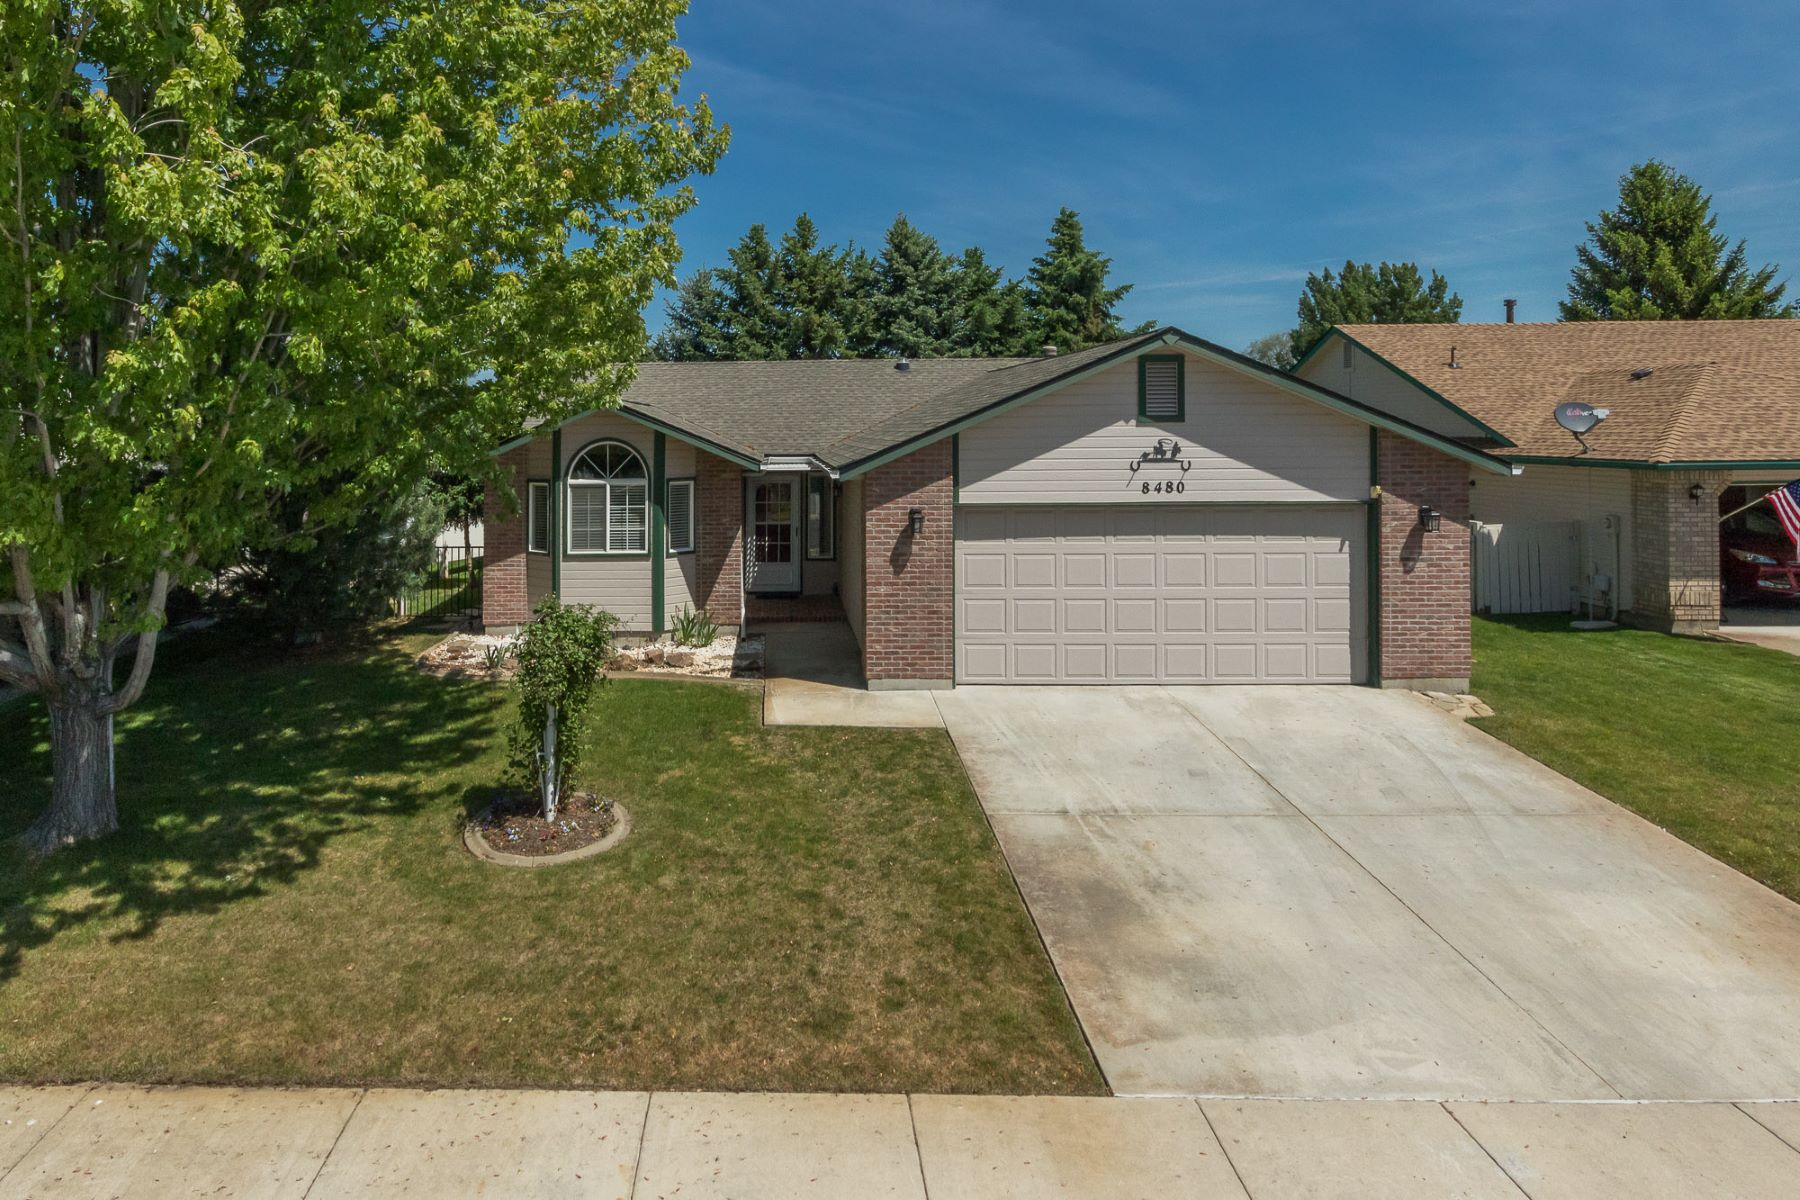 Maison unifamiliale pour l Vente à 8480 Echo Falls, Garden City Garden City, Idaho, 83714 États-Unis